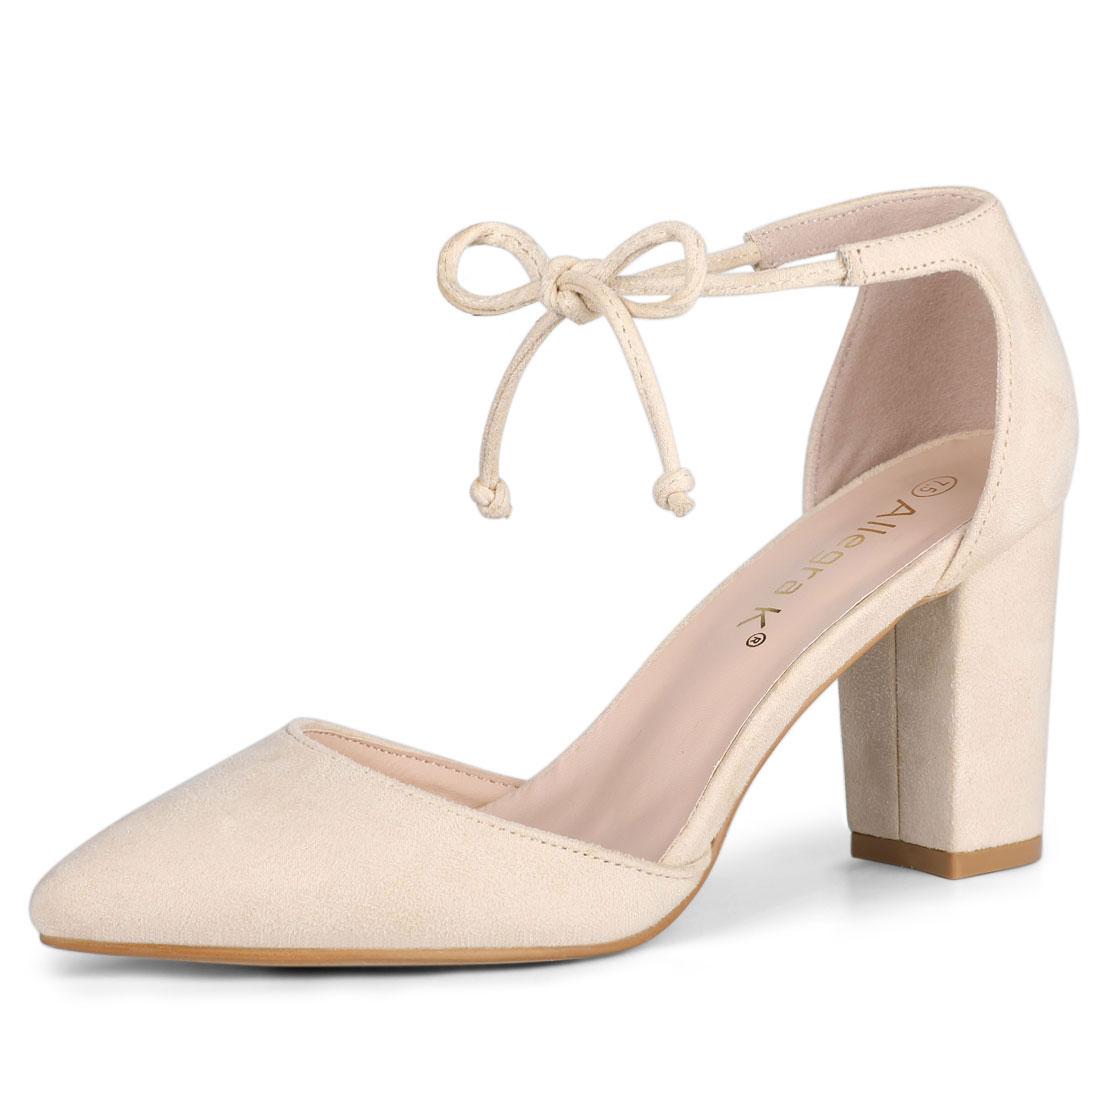 Allegra K Women's Ankle Tie Chunky Heel Pointed Toe Dress Pumps Beige US 7.5